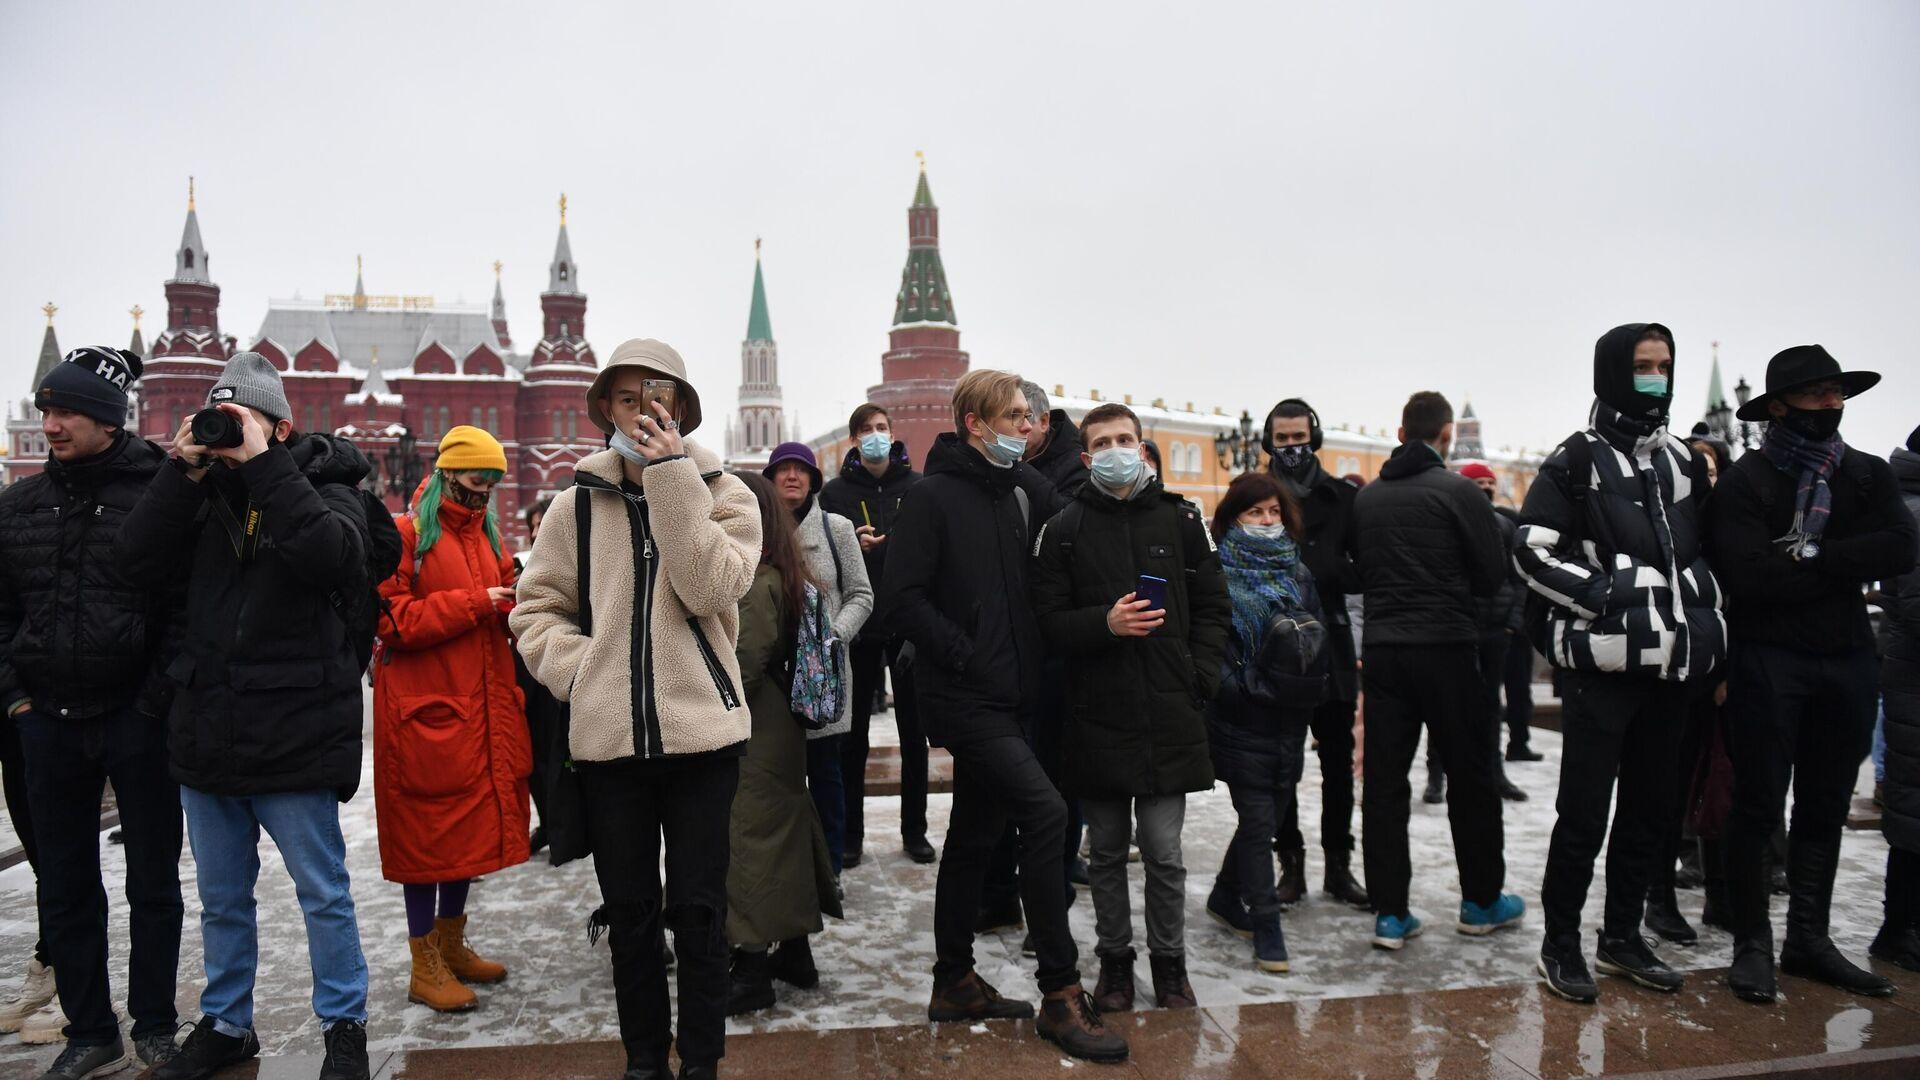 Люди на Манежной площади в Москве во время несанкционированной акции сторонников Алексея Навального - РИА Новости, 1920, 28.01.2021